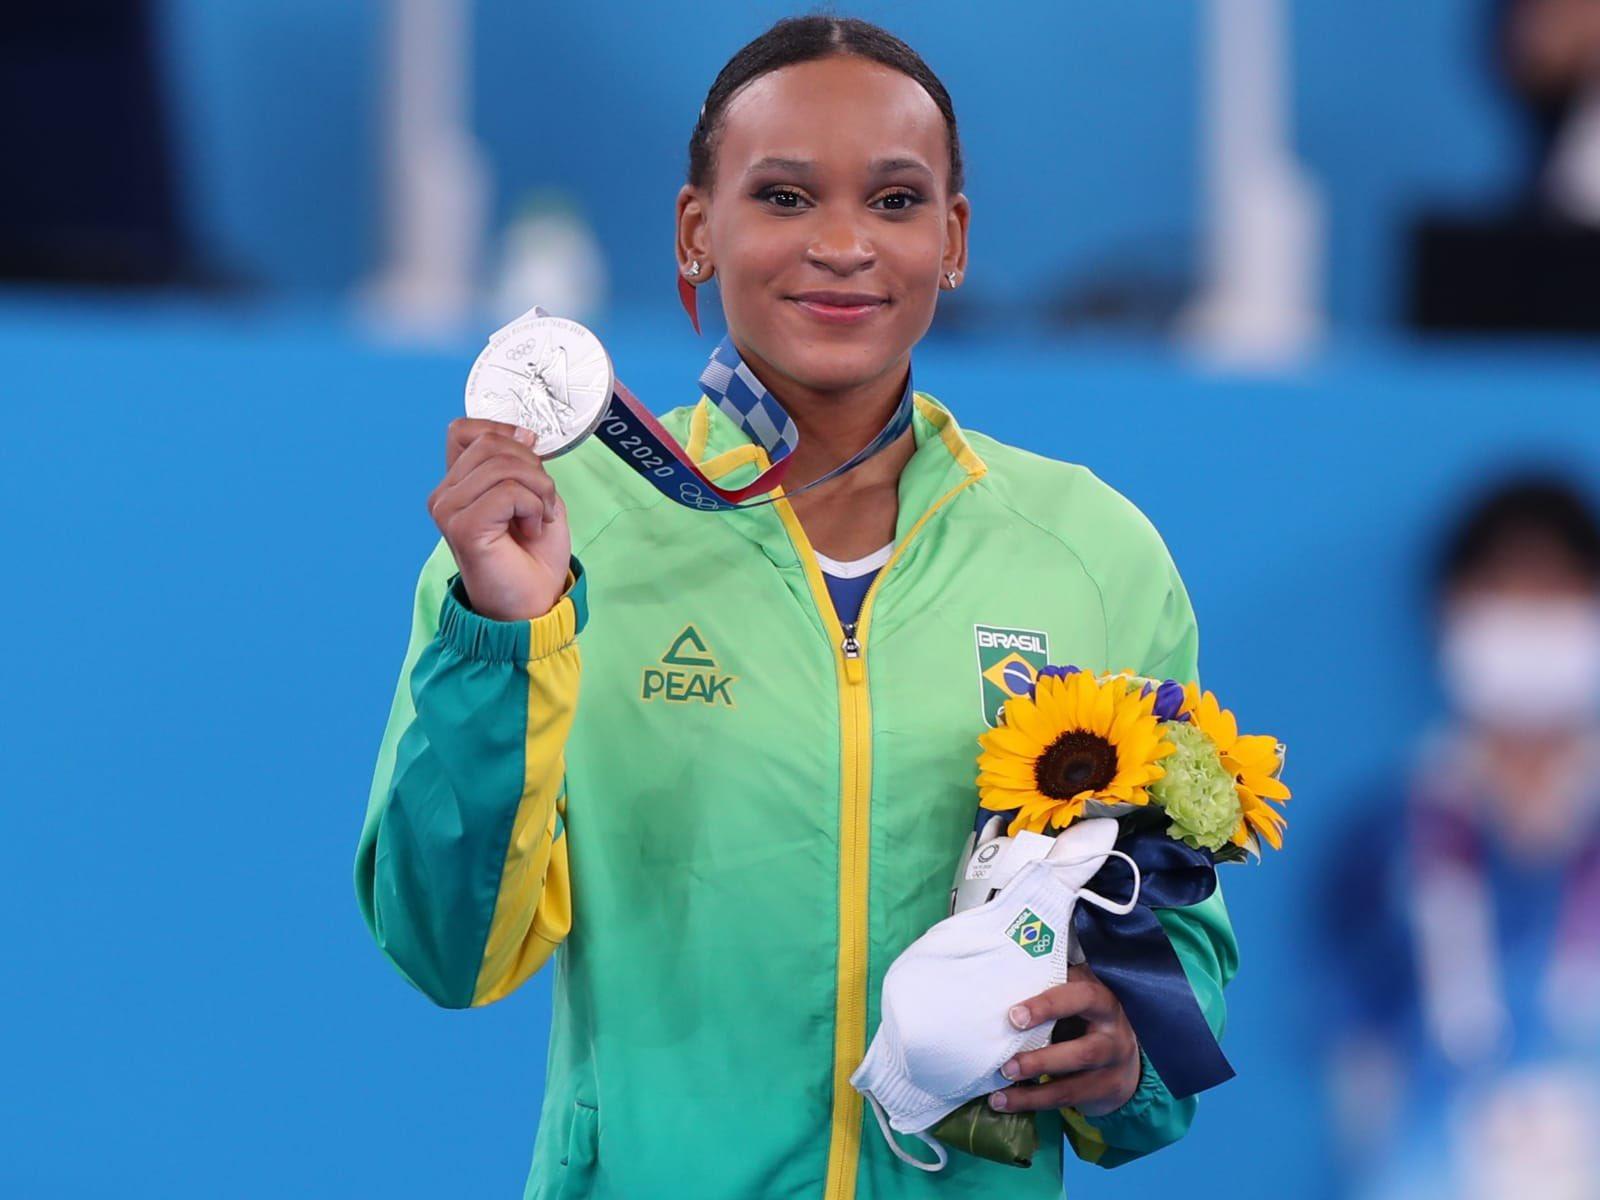 Rebeca Andrade medalha de prata em Tóquio Tokyo2020   Foto: Jonne Roriz / COB